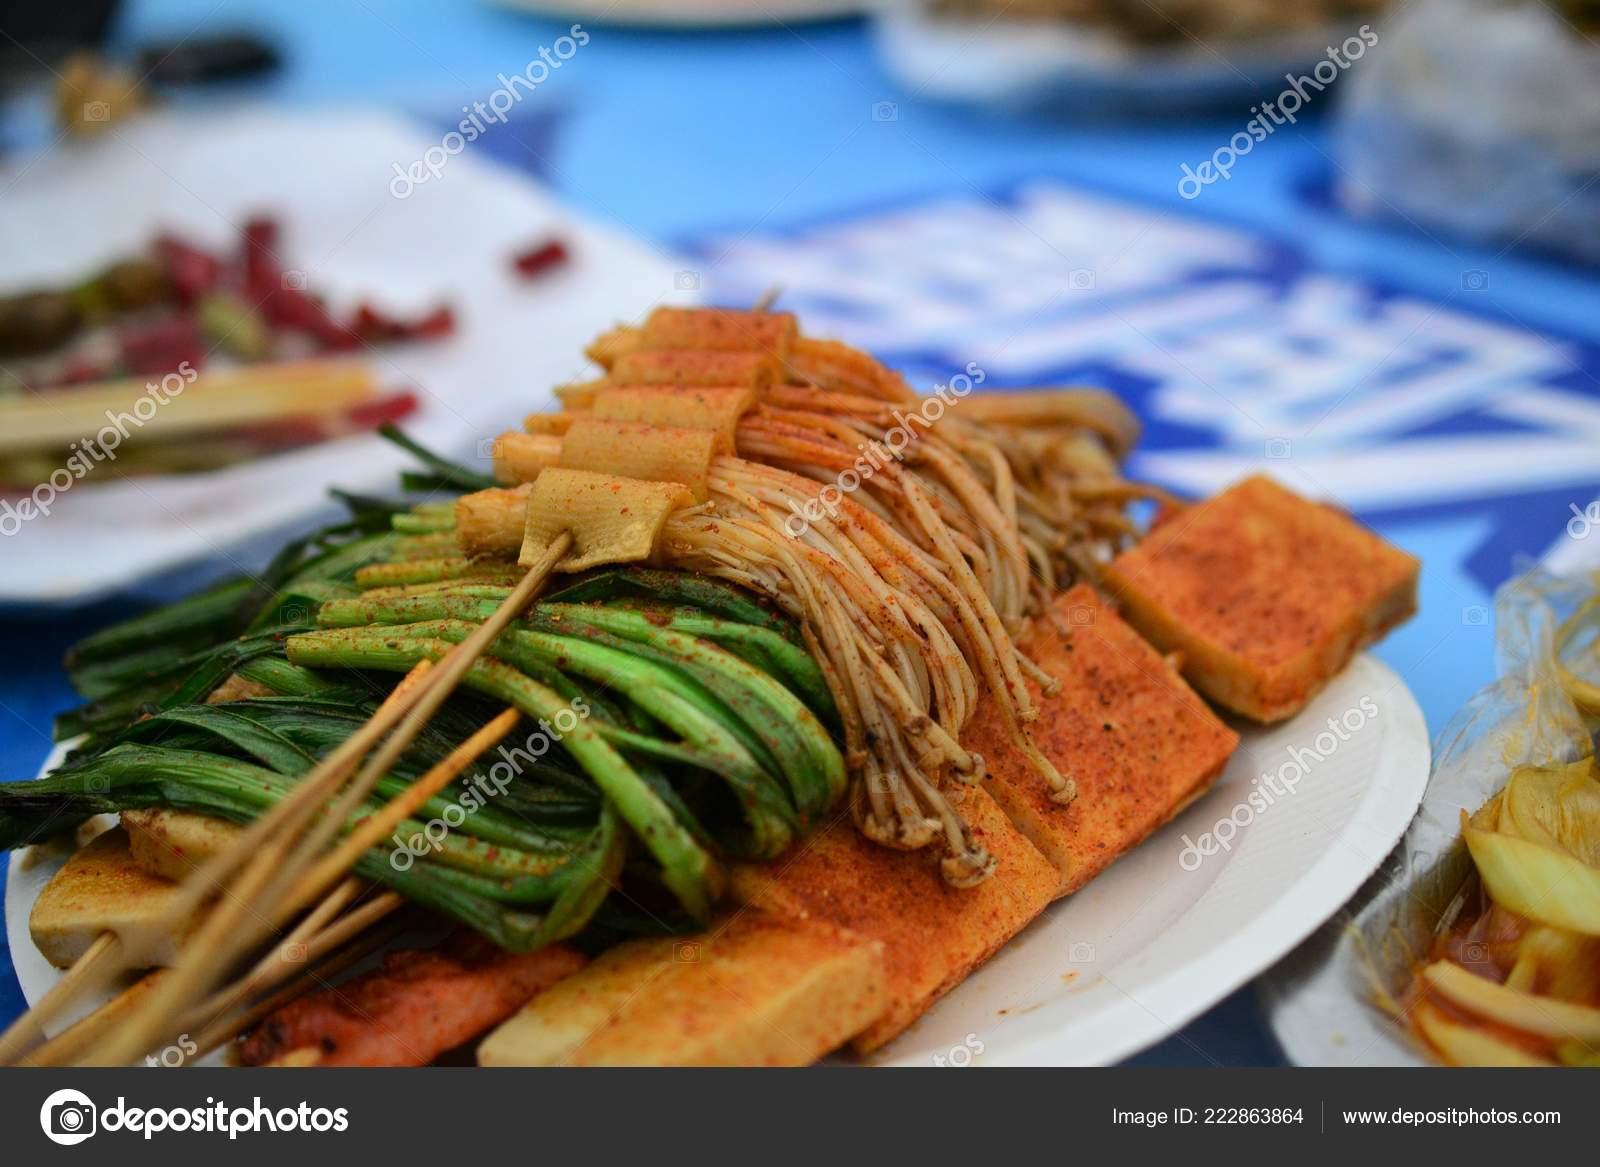 Vegetable skewers, Chinese food, Xinjiang Uyghur delicacies